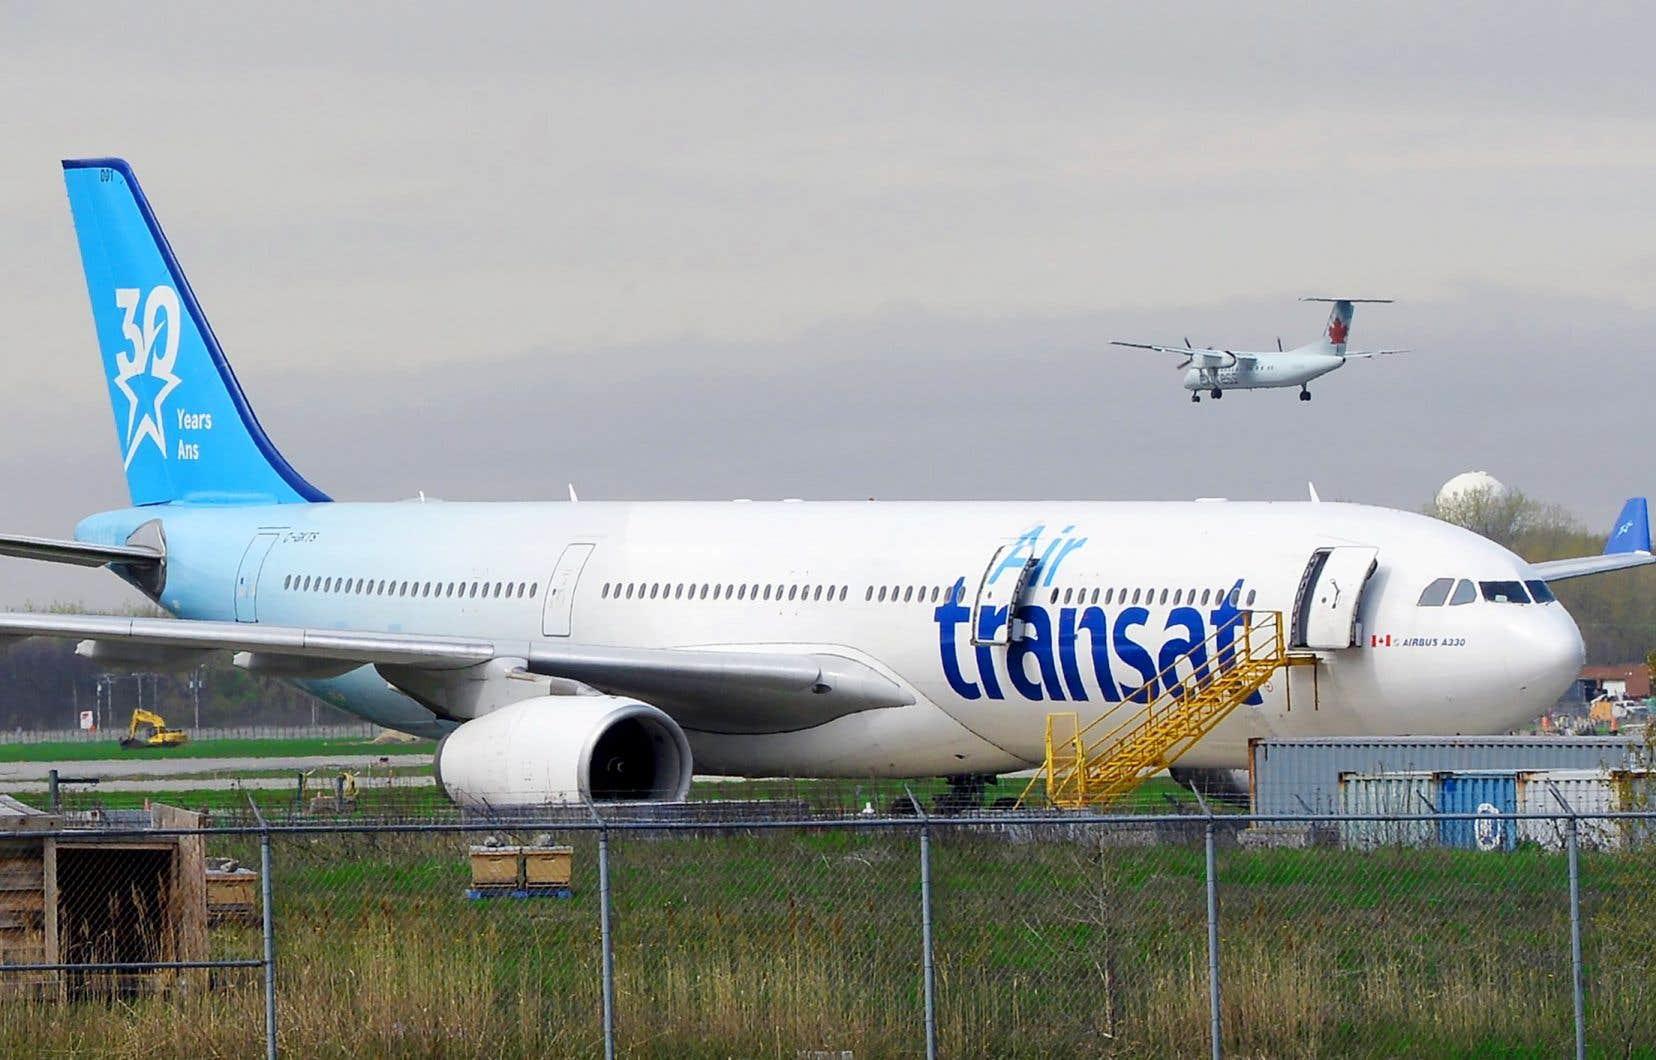 Transat a insisté mardi sur le bien-fondé de la transaction et mentionné que l'arrangement est le «résultat d'un processus rigoureux et diligent».